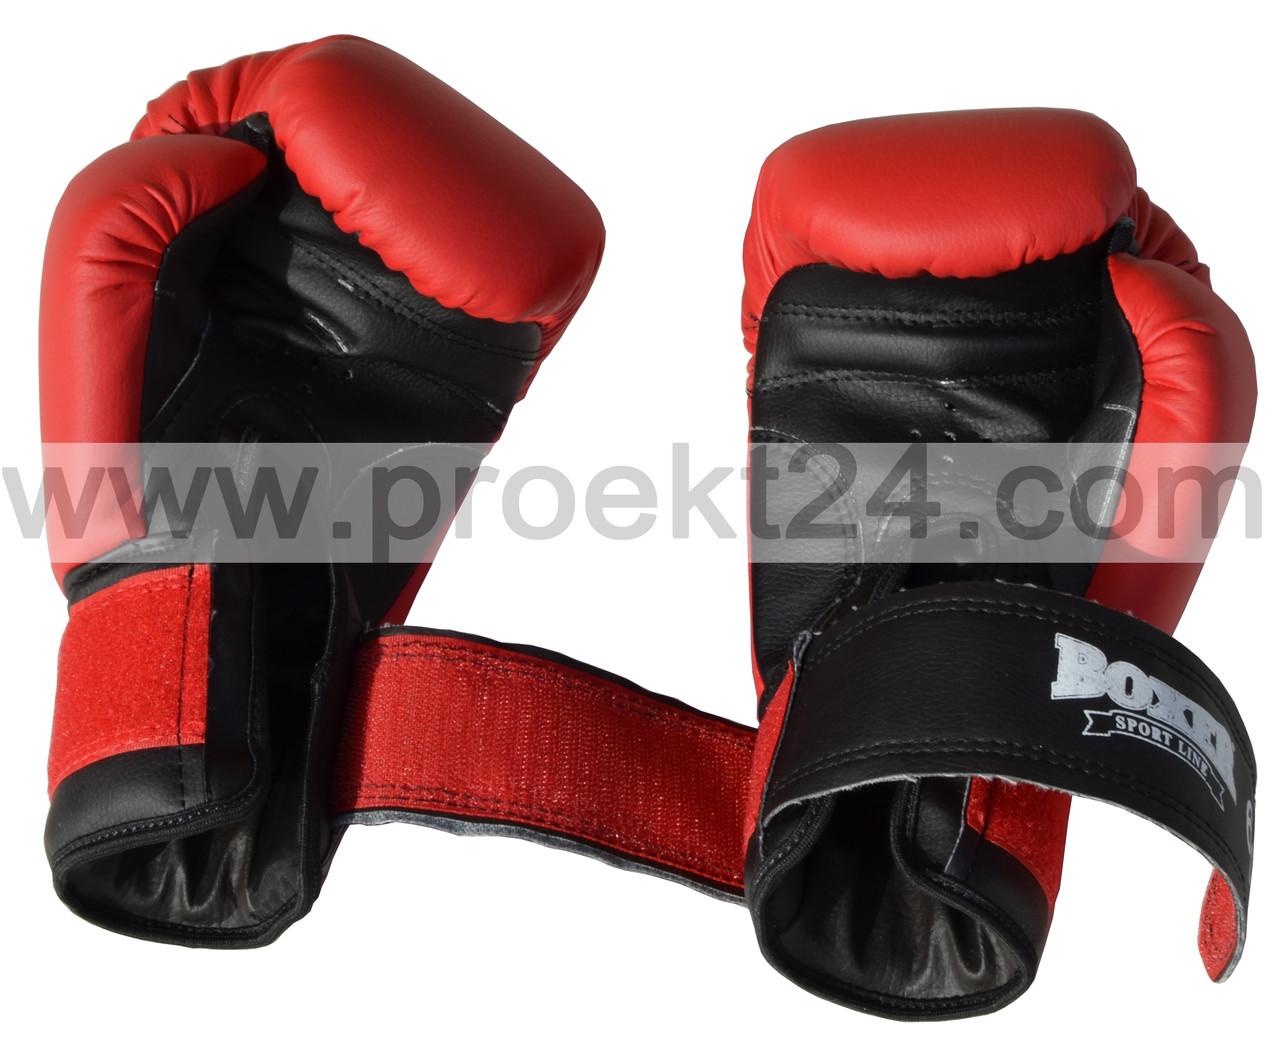 Боксерские перчатки 12 оz Кожвинил Элит (пара) - Глобальные энергосберегающие технологии  в Днепре